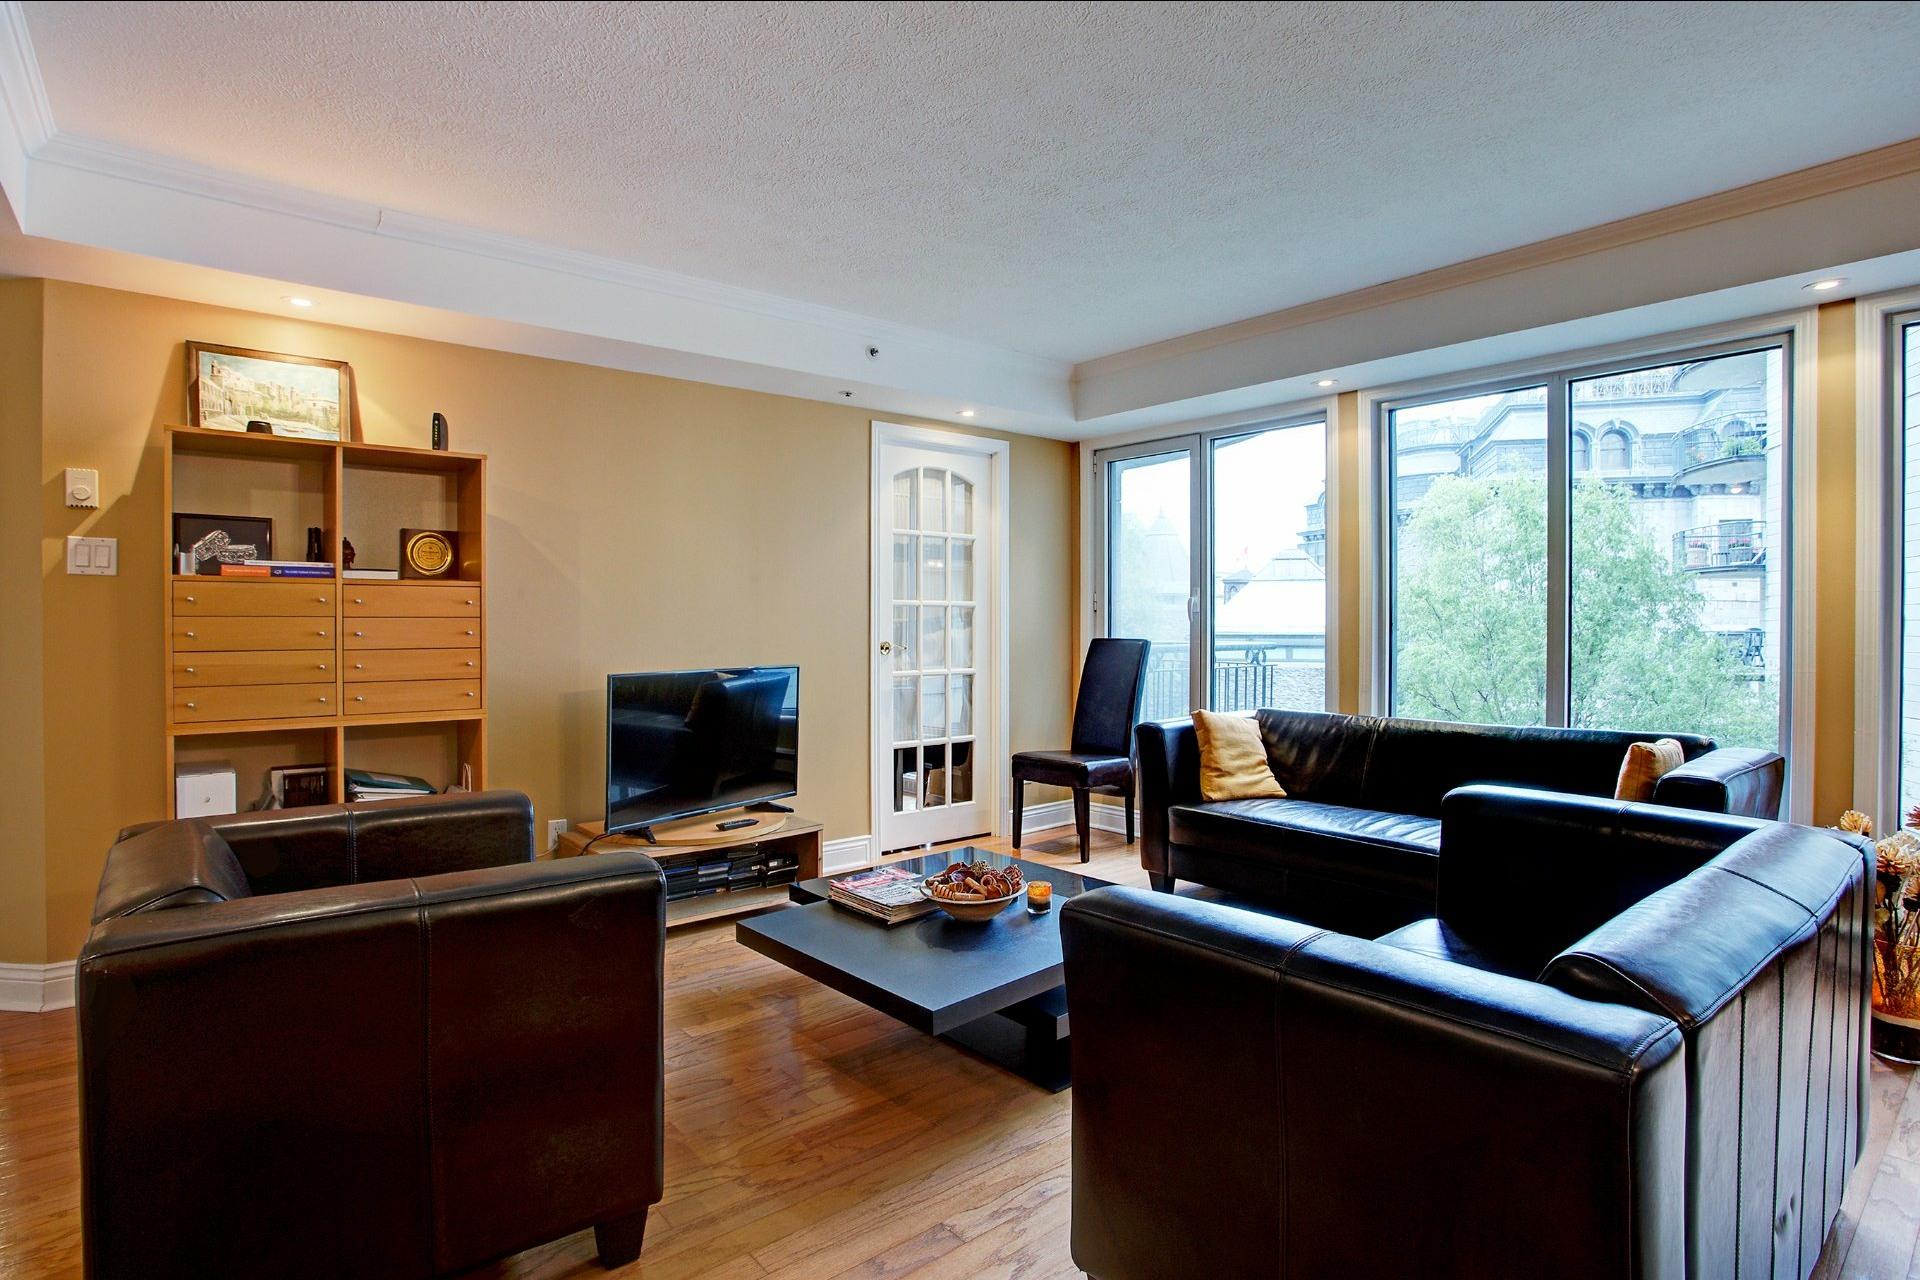 image 8 - Appartement À vendre Montréal Ville-Marie  - 5 pièces